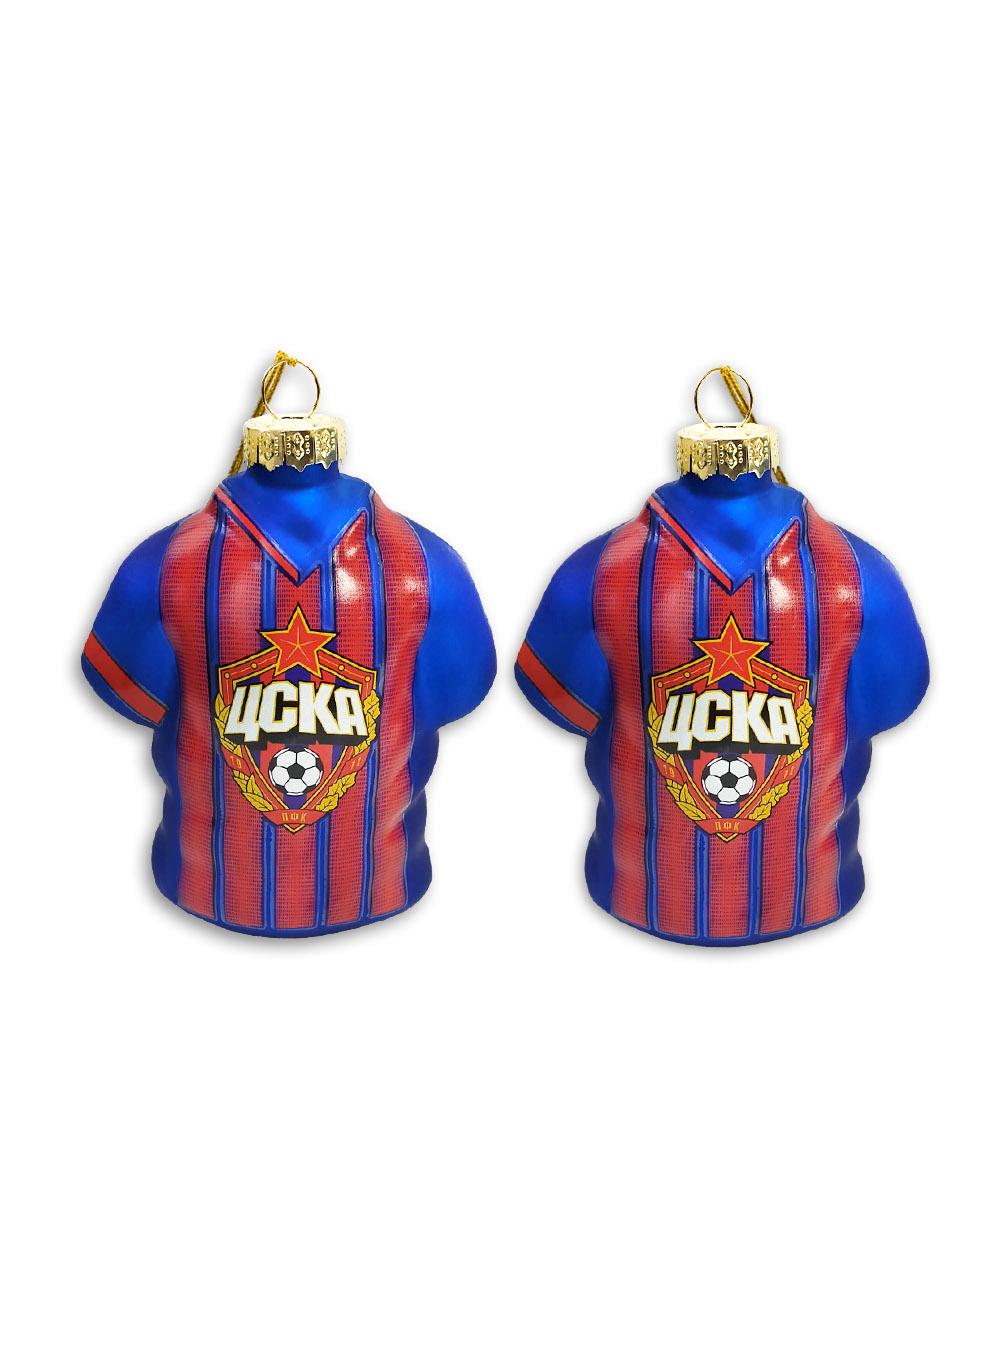 Набор ёлочных игрушек PFC CSKA (2 шт.)